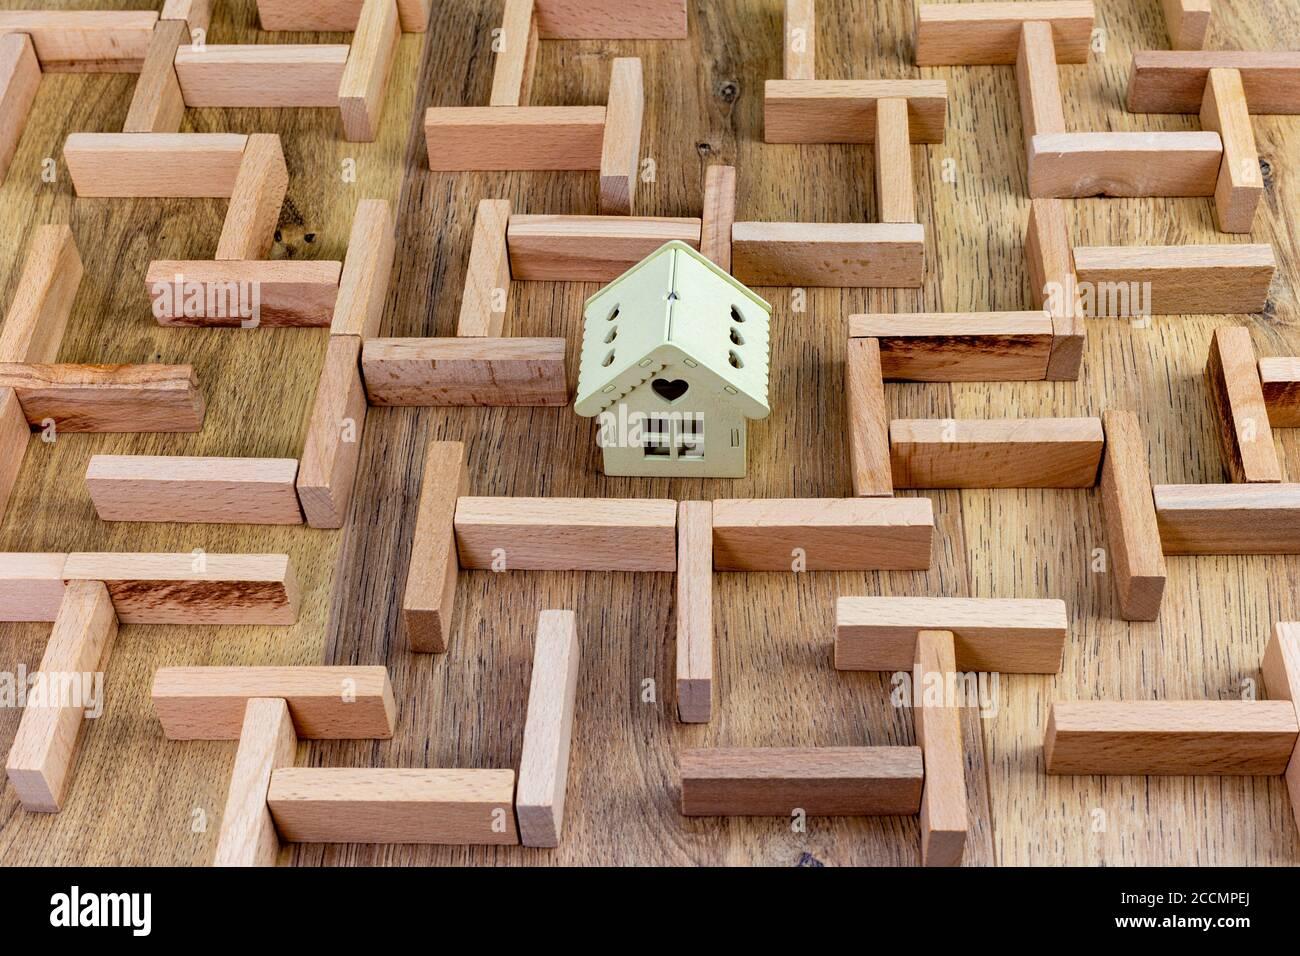 Immobilienkonzept, Holzmaze Modell mit Haus in der Mitte Stockfoto